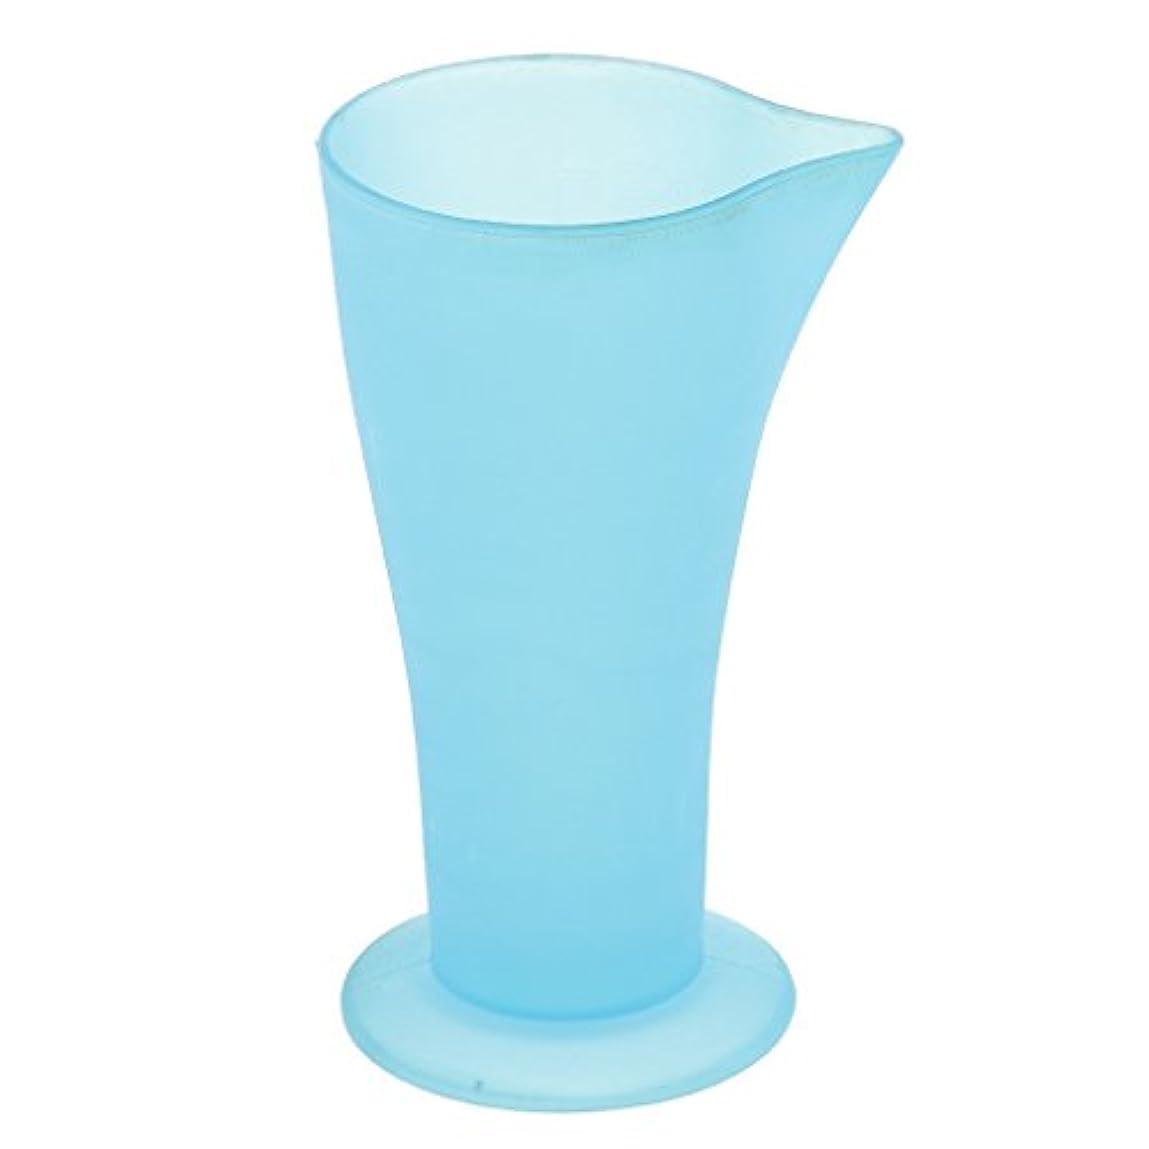 ペルメル意味のあるジョットディボンドンPerfk 計量カップ ヘアダイカップ ブルー プラスチック 再使用可能 髪型 サロン 髪の色合い 色の混合用